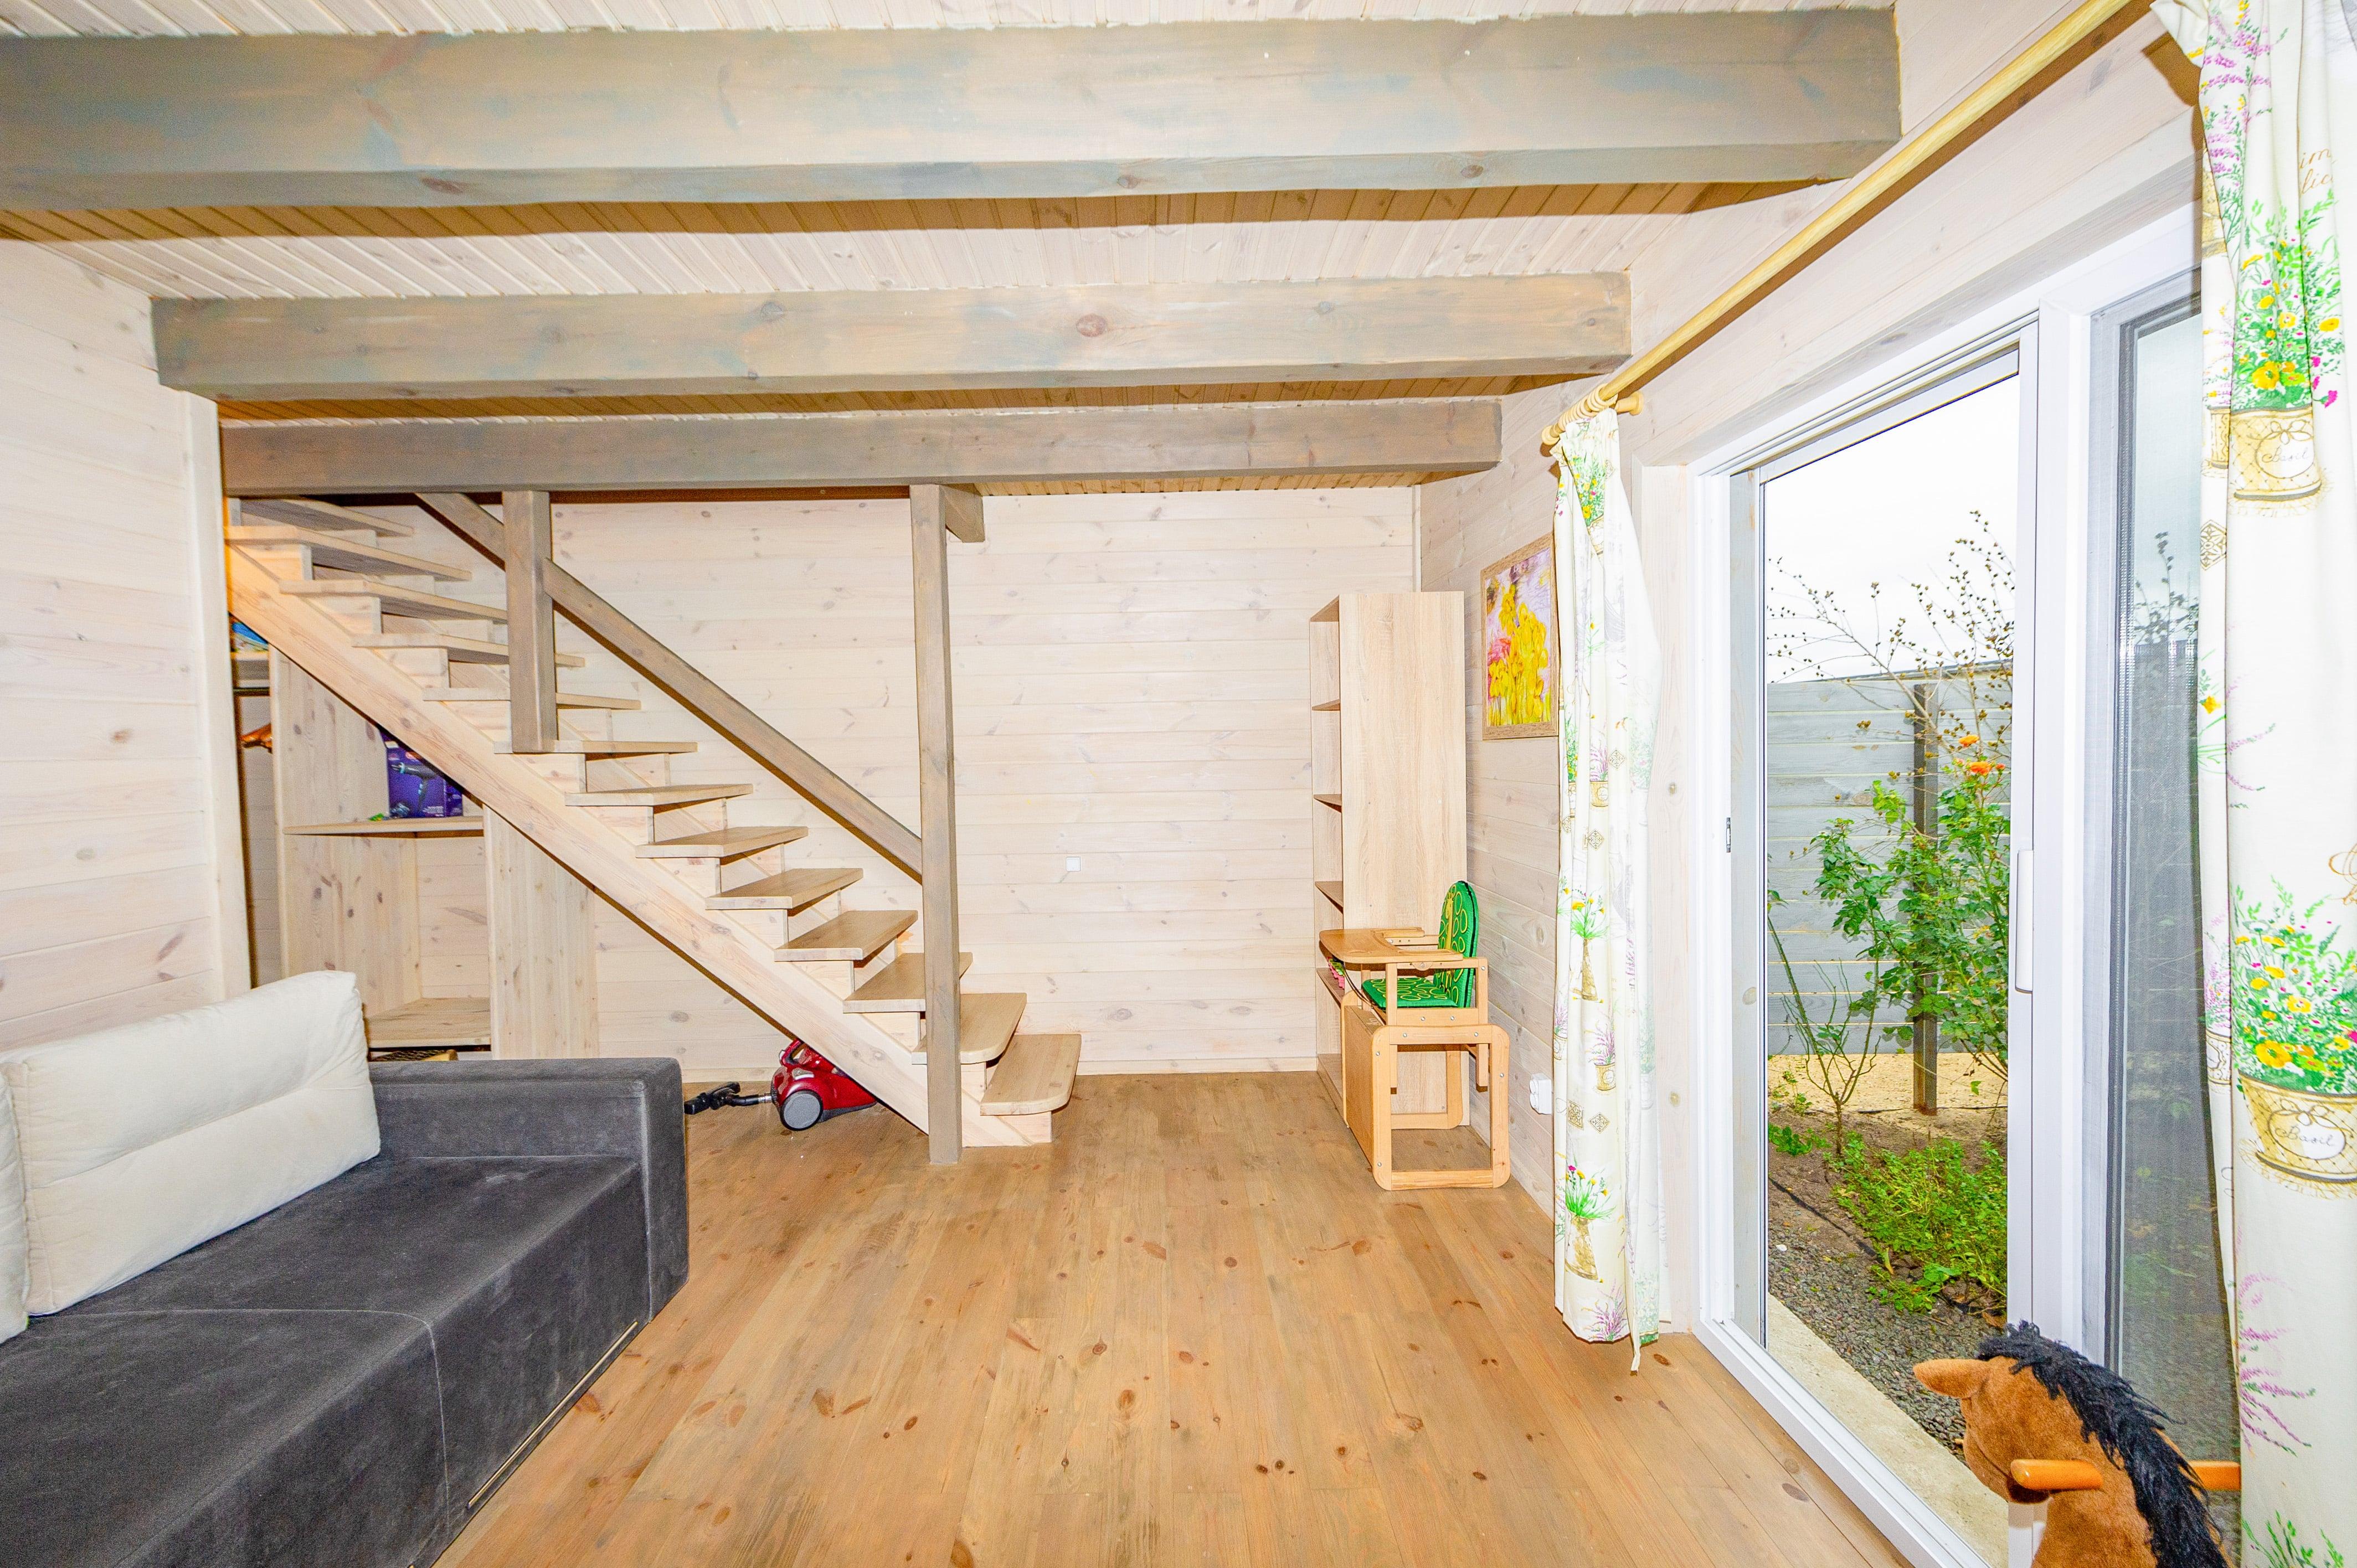 гостиная комната с выходом на терассу дома ЛЮКС Черноморск Эко-дача